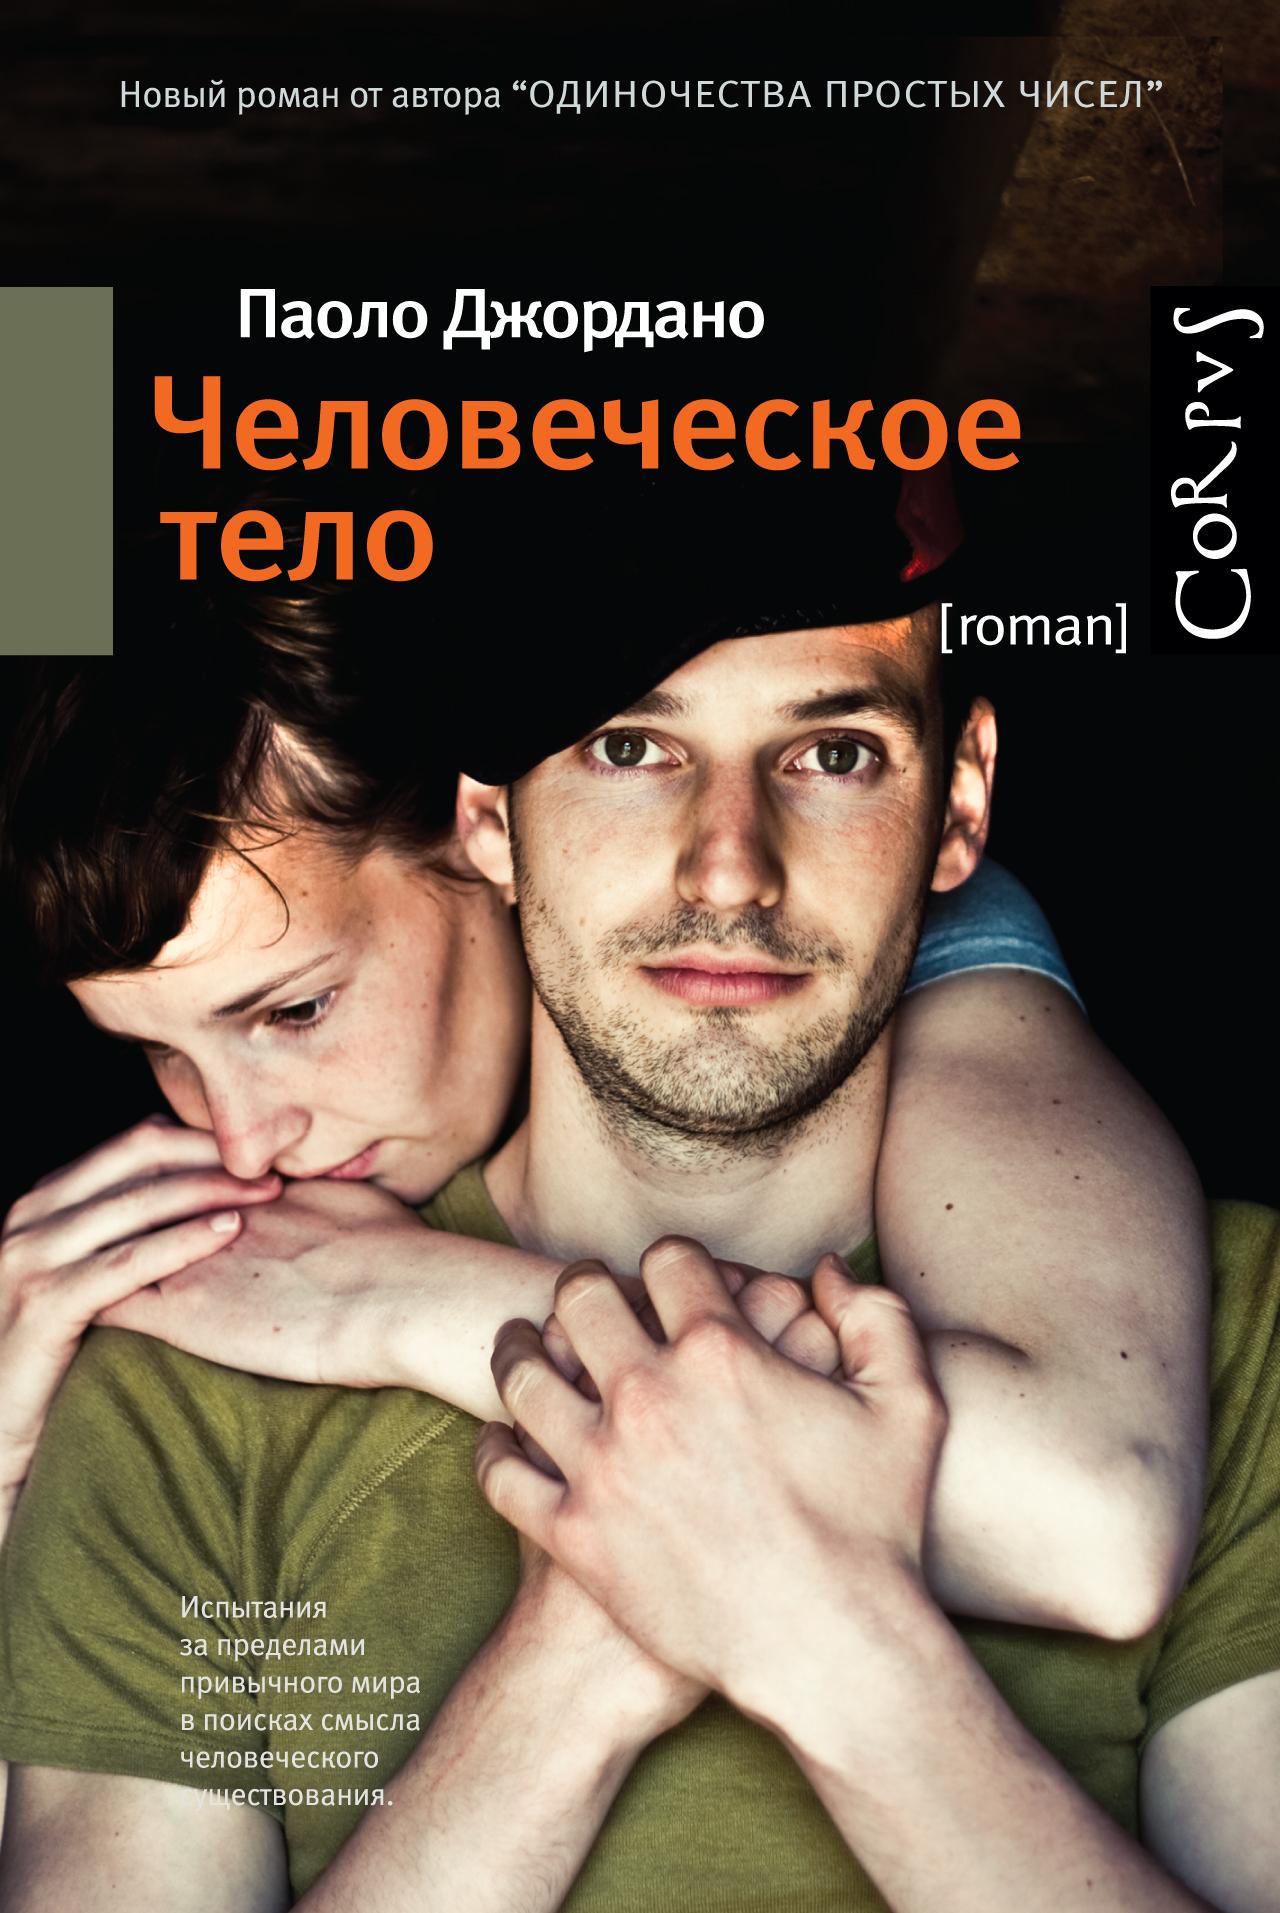 Человеческое тело, Джордано Паоло, ISBN 9785170802524, Издательство Corpus, 2013, Corpus.(roman) , 978-5-1708-0252-4, 978-5-170-80252-4, 978-5-17-080252-4 - купить со скидкой